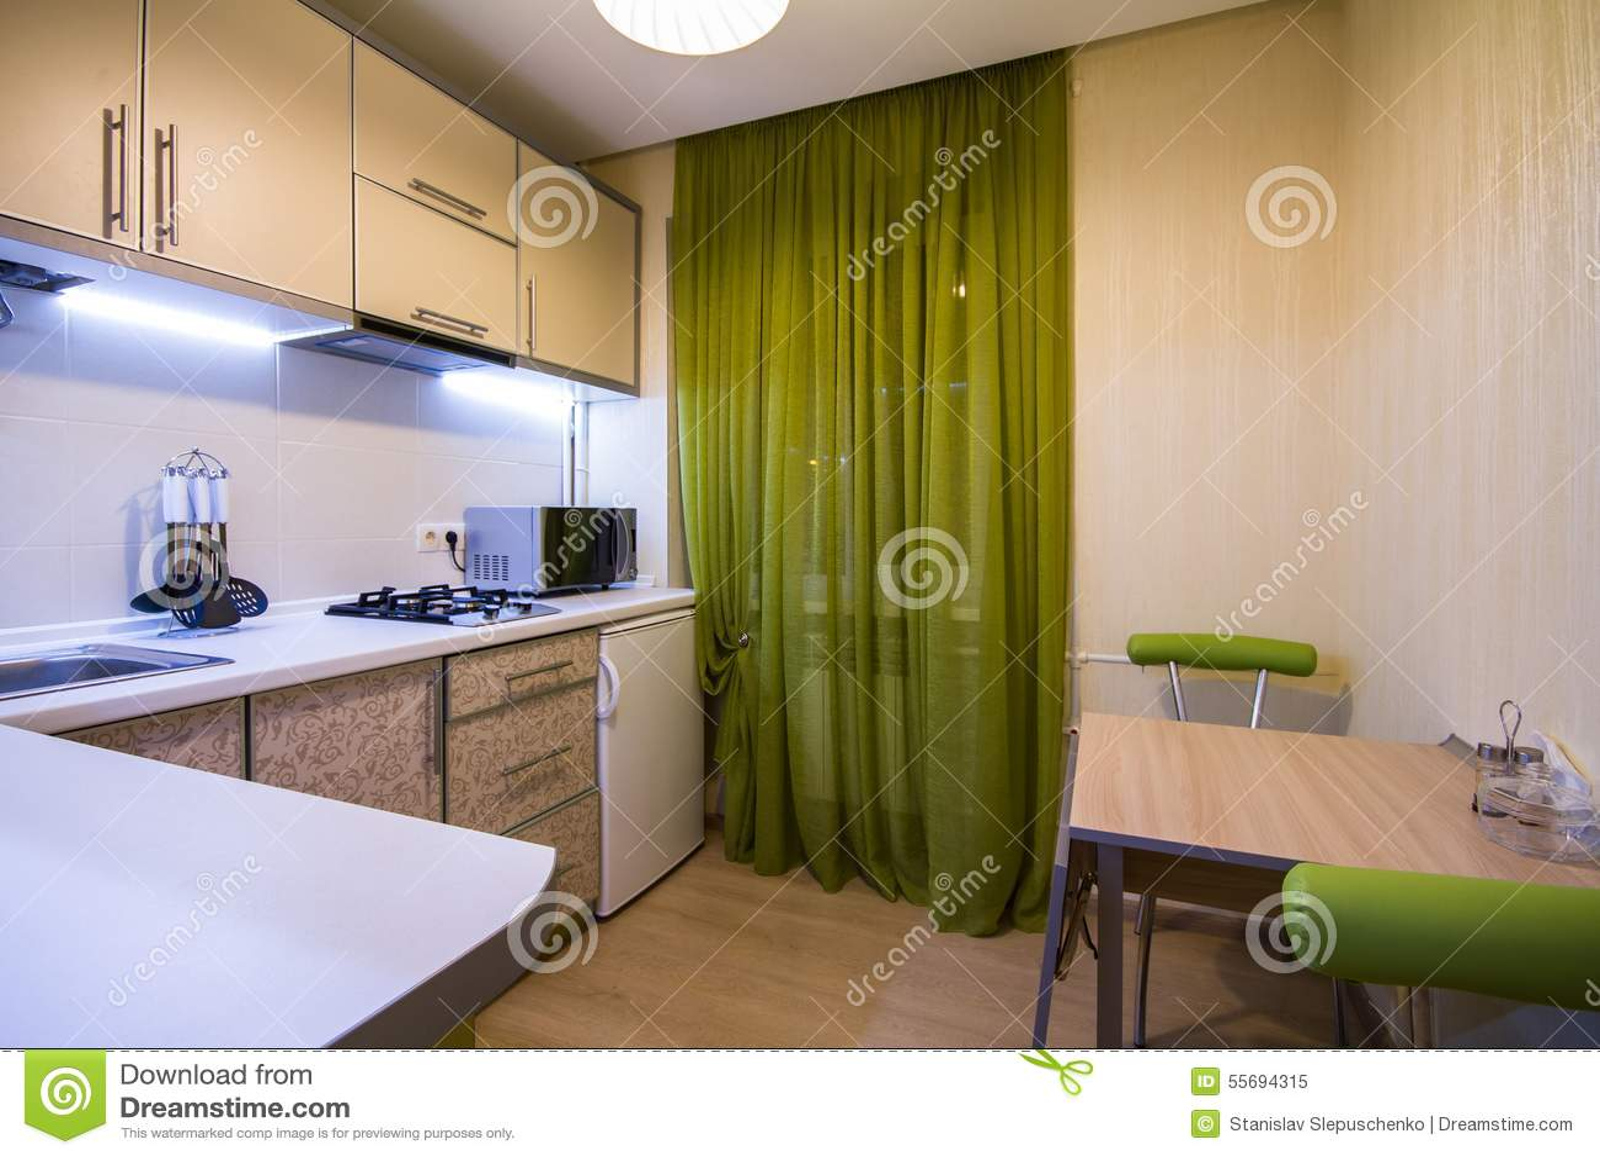 Moderne kleine keuken met groene gordijnen stock afbeelding